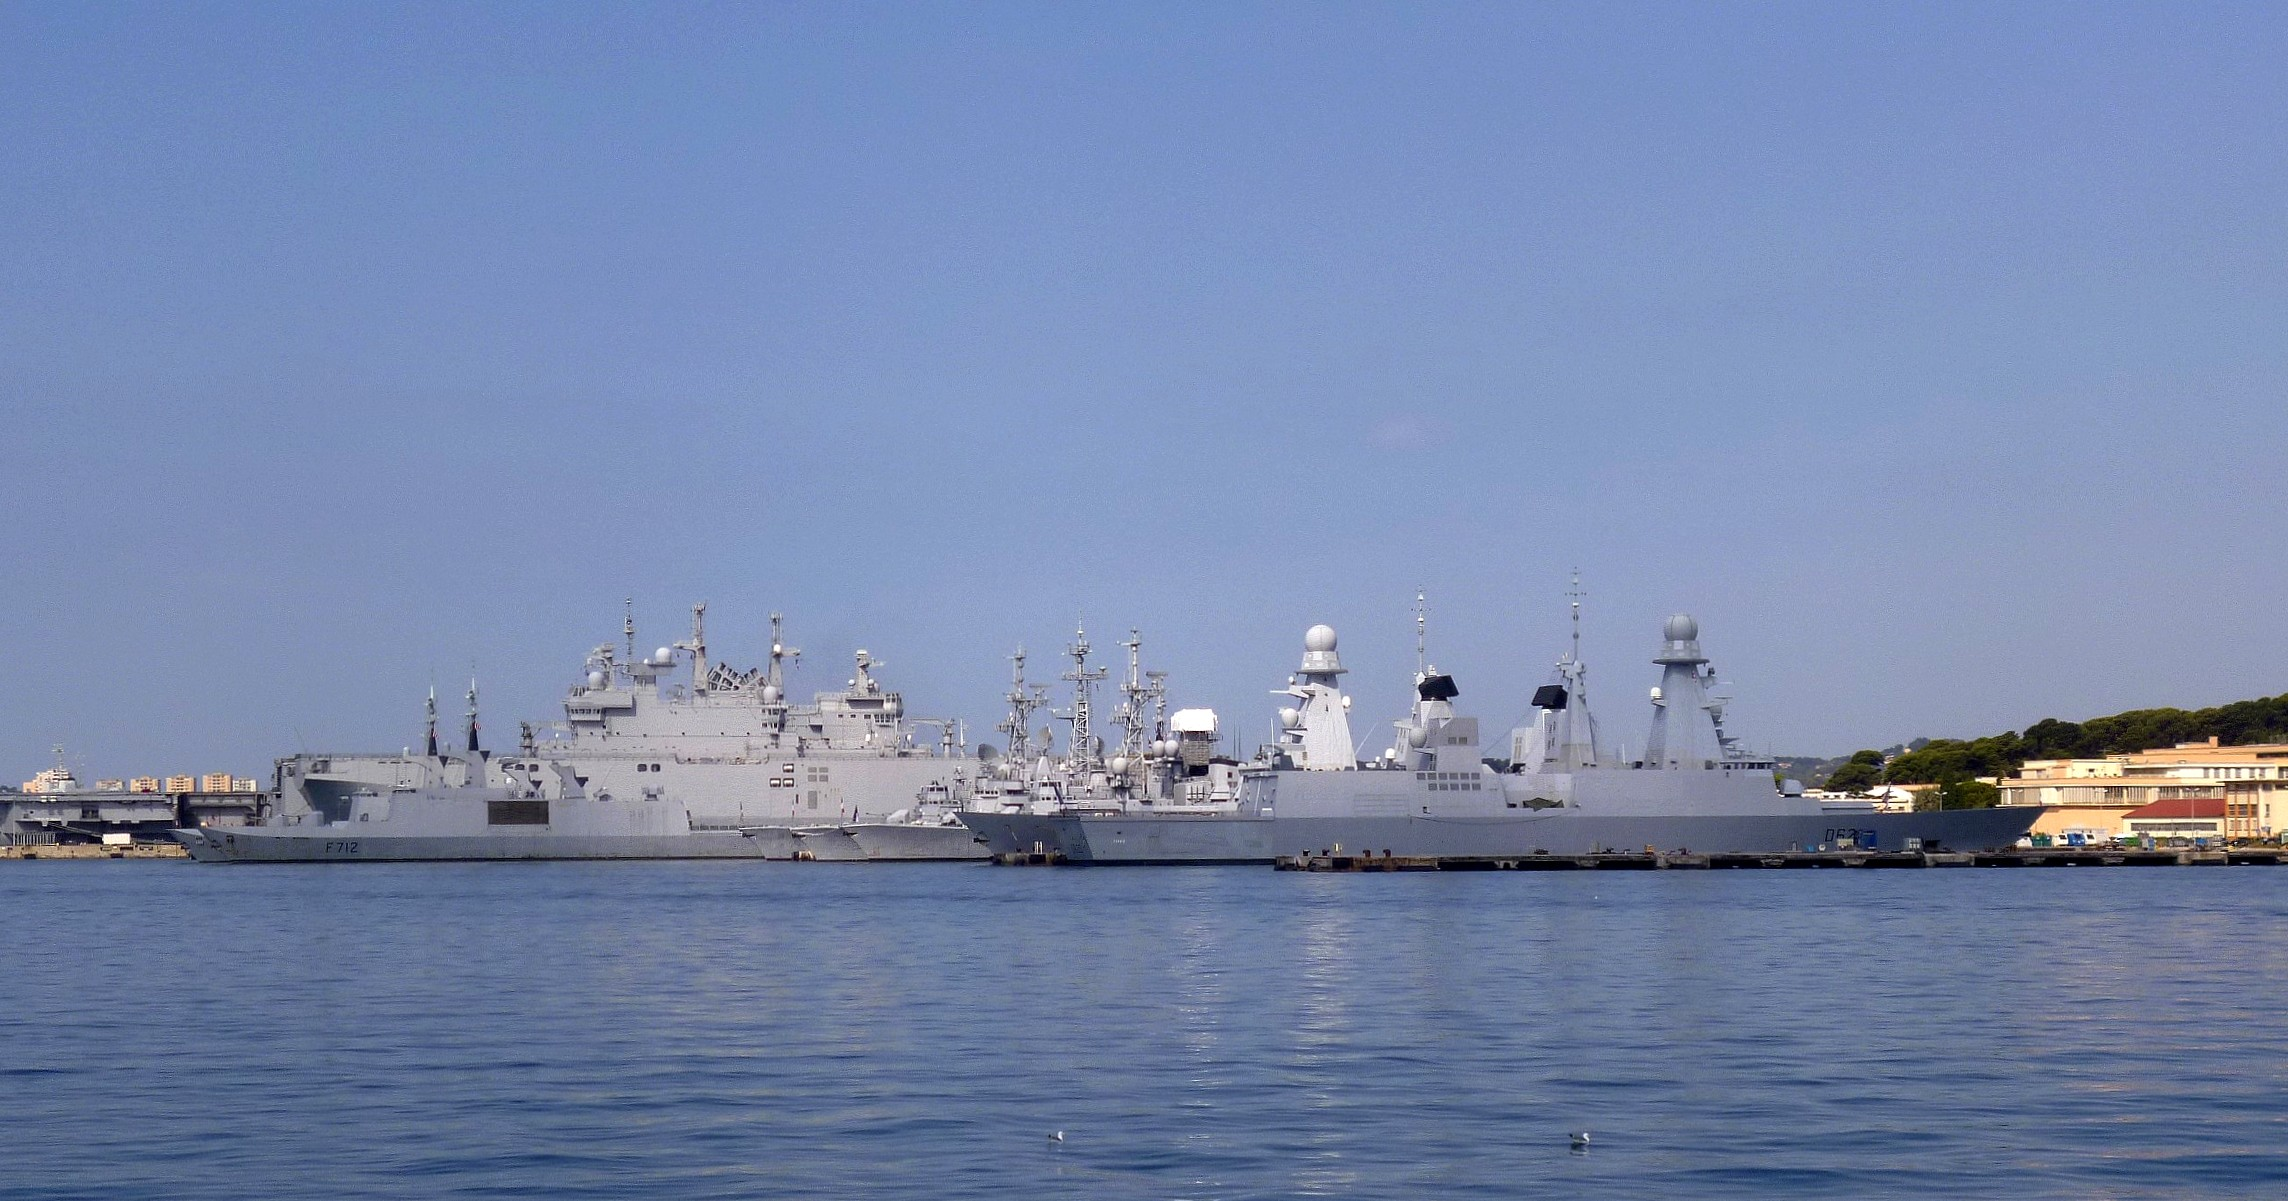 Les news en images du port de TOULON - Page 37 9562252979_dce7cbf4a0_o